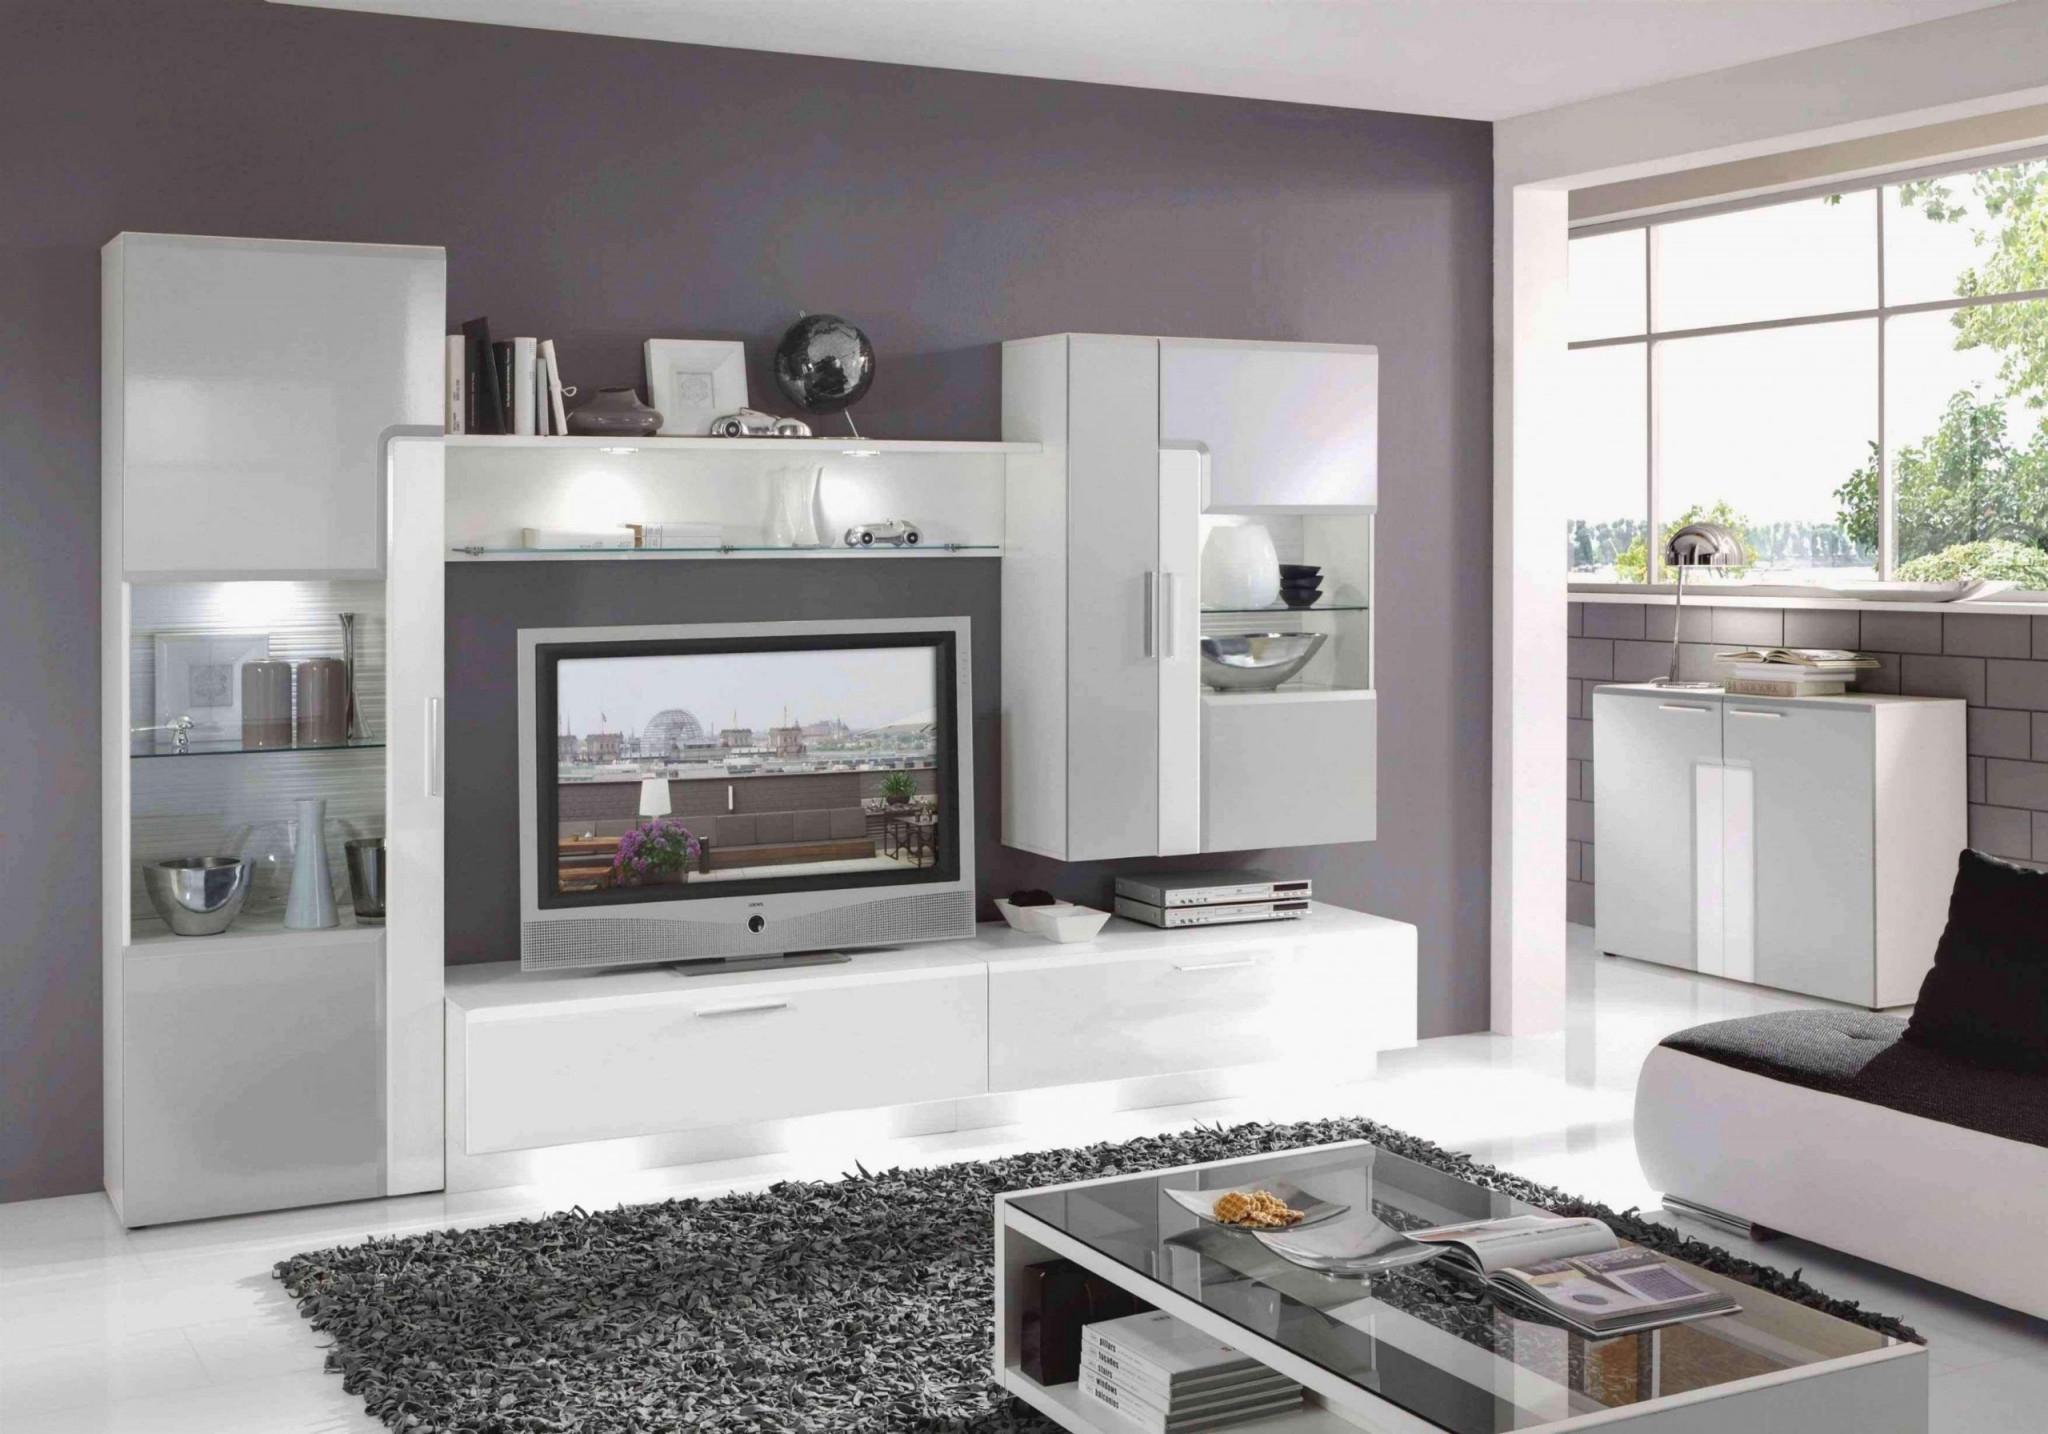 40 Inspirierend Großes Wohnzimmer Einrichten Genial von Weißes Wohnzimmer Einrichten Photo